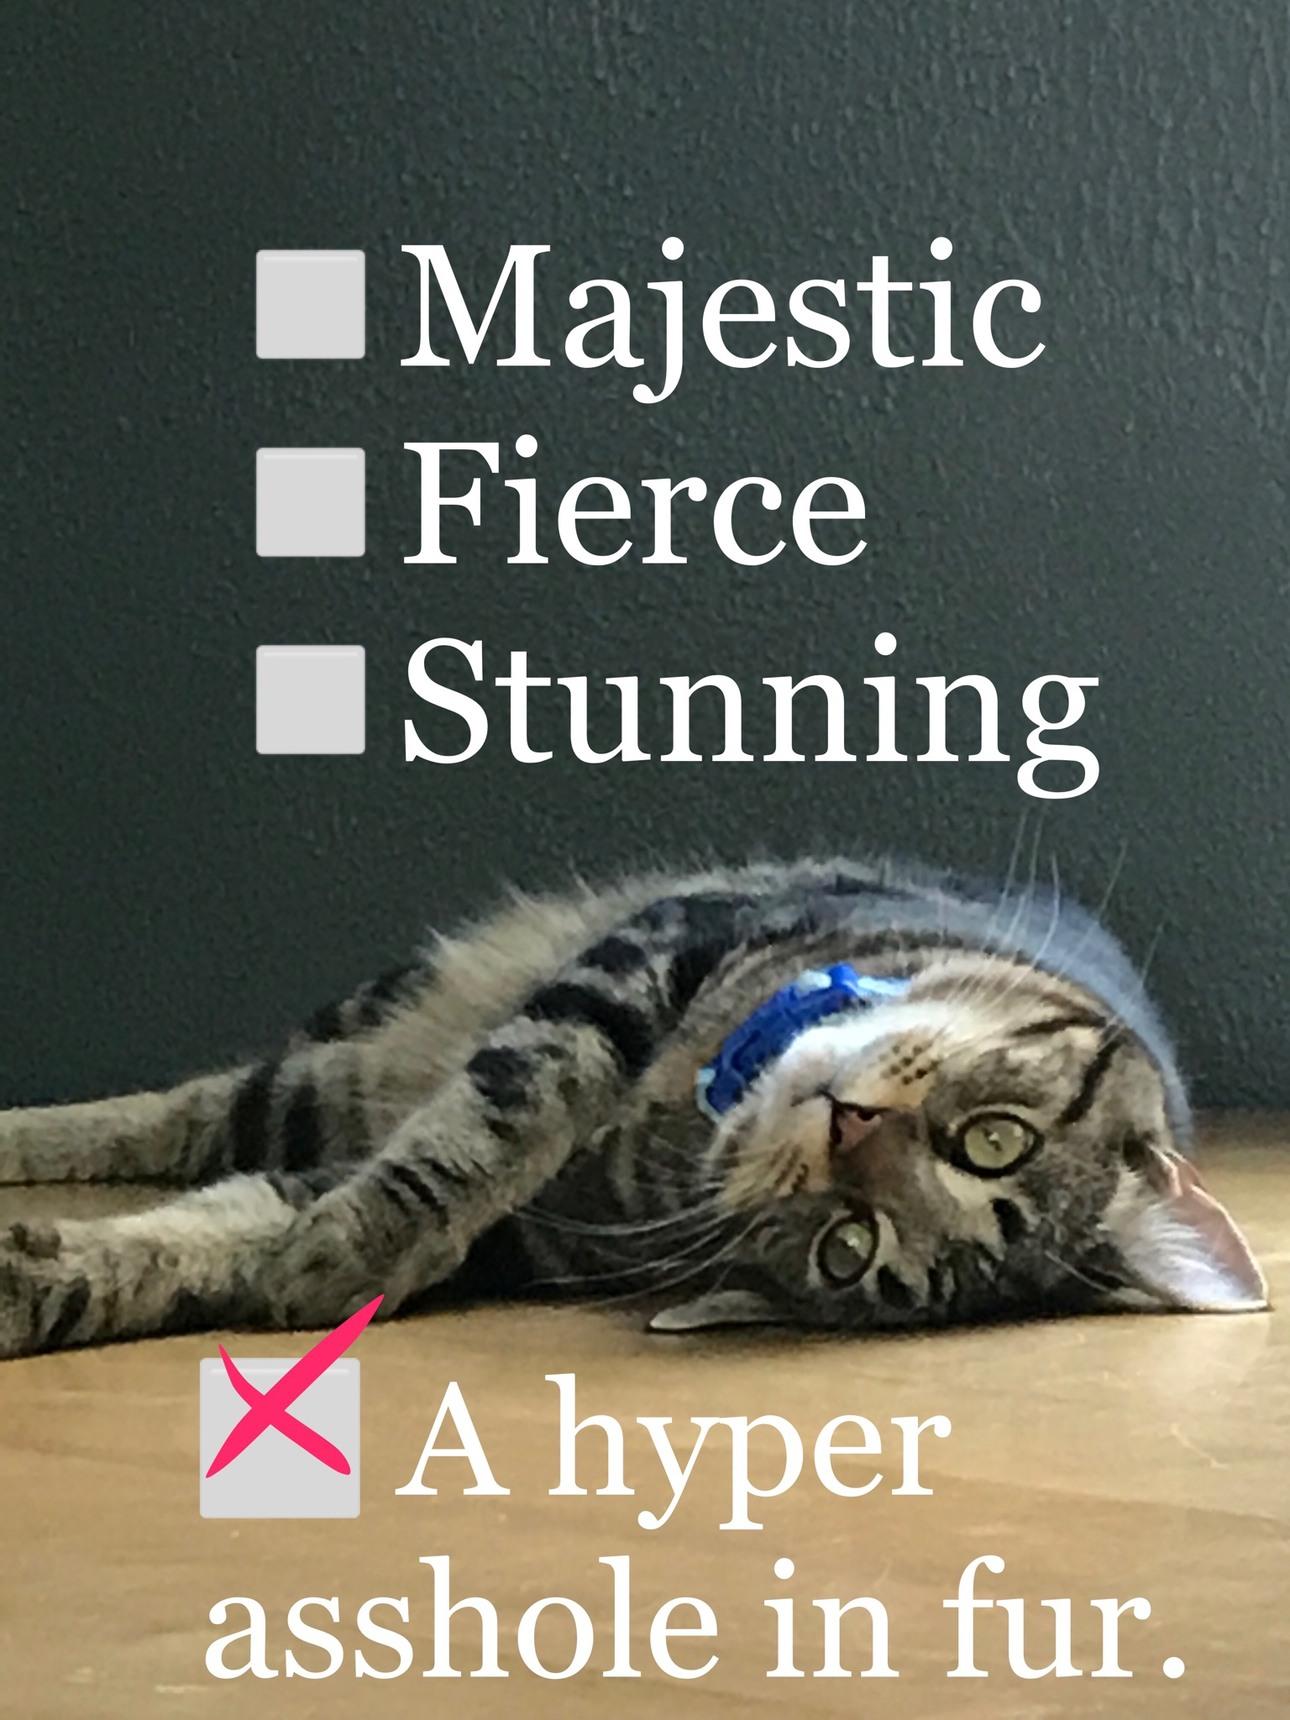 Hyper Cat - meme